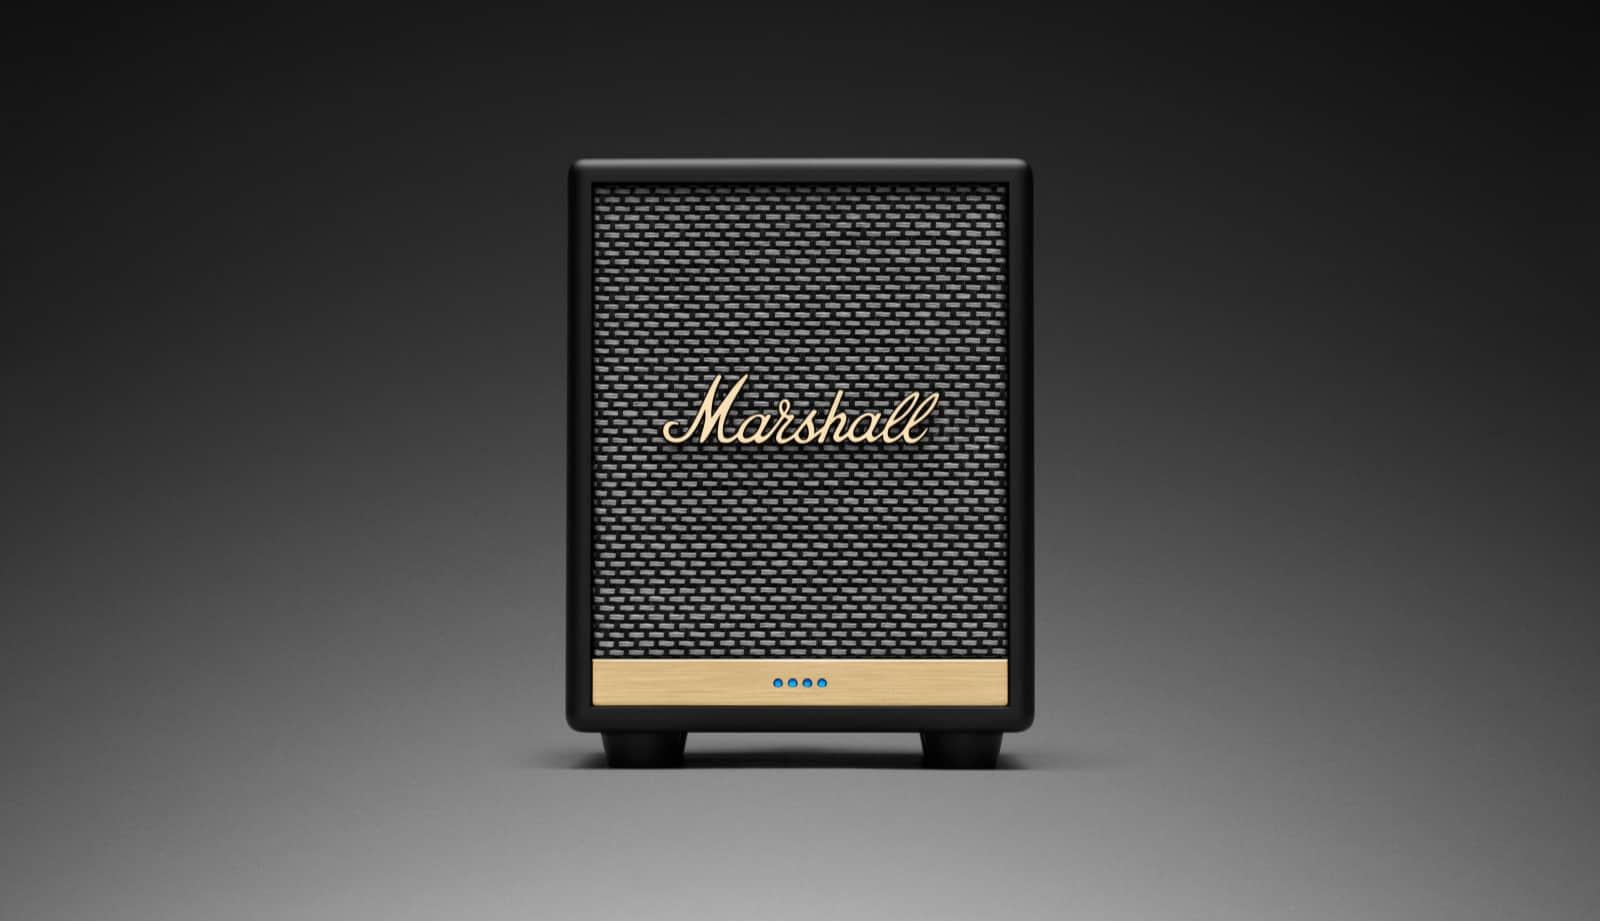 Marshall UxBridge Smart Speaker 4